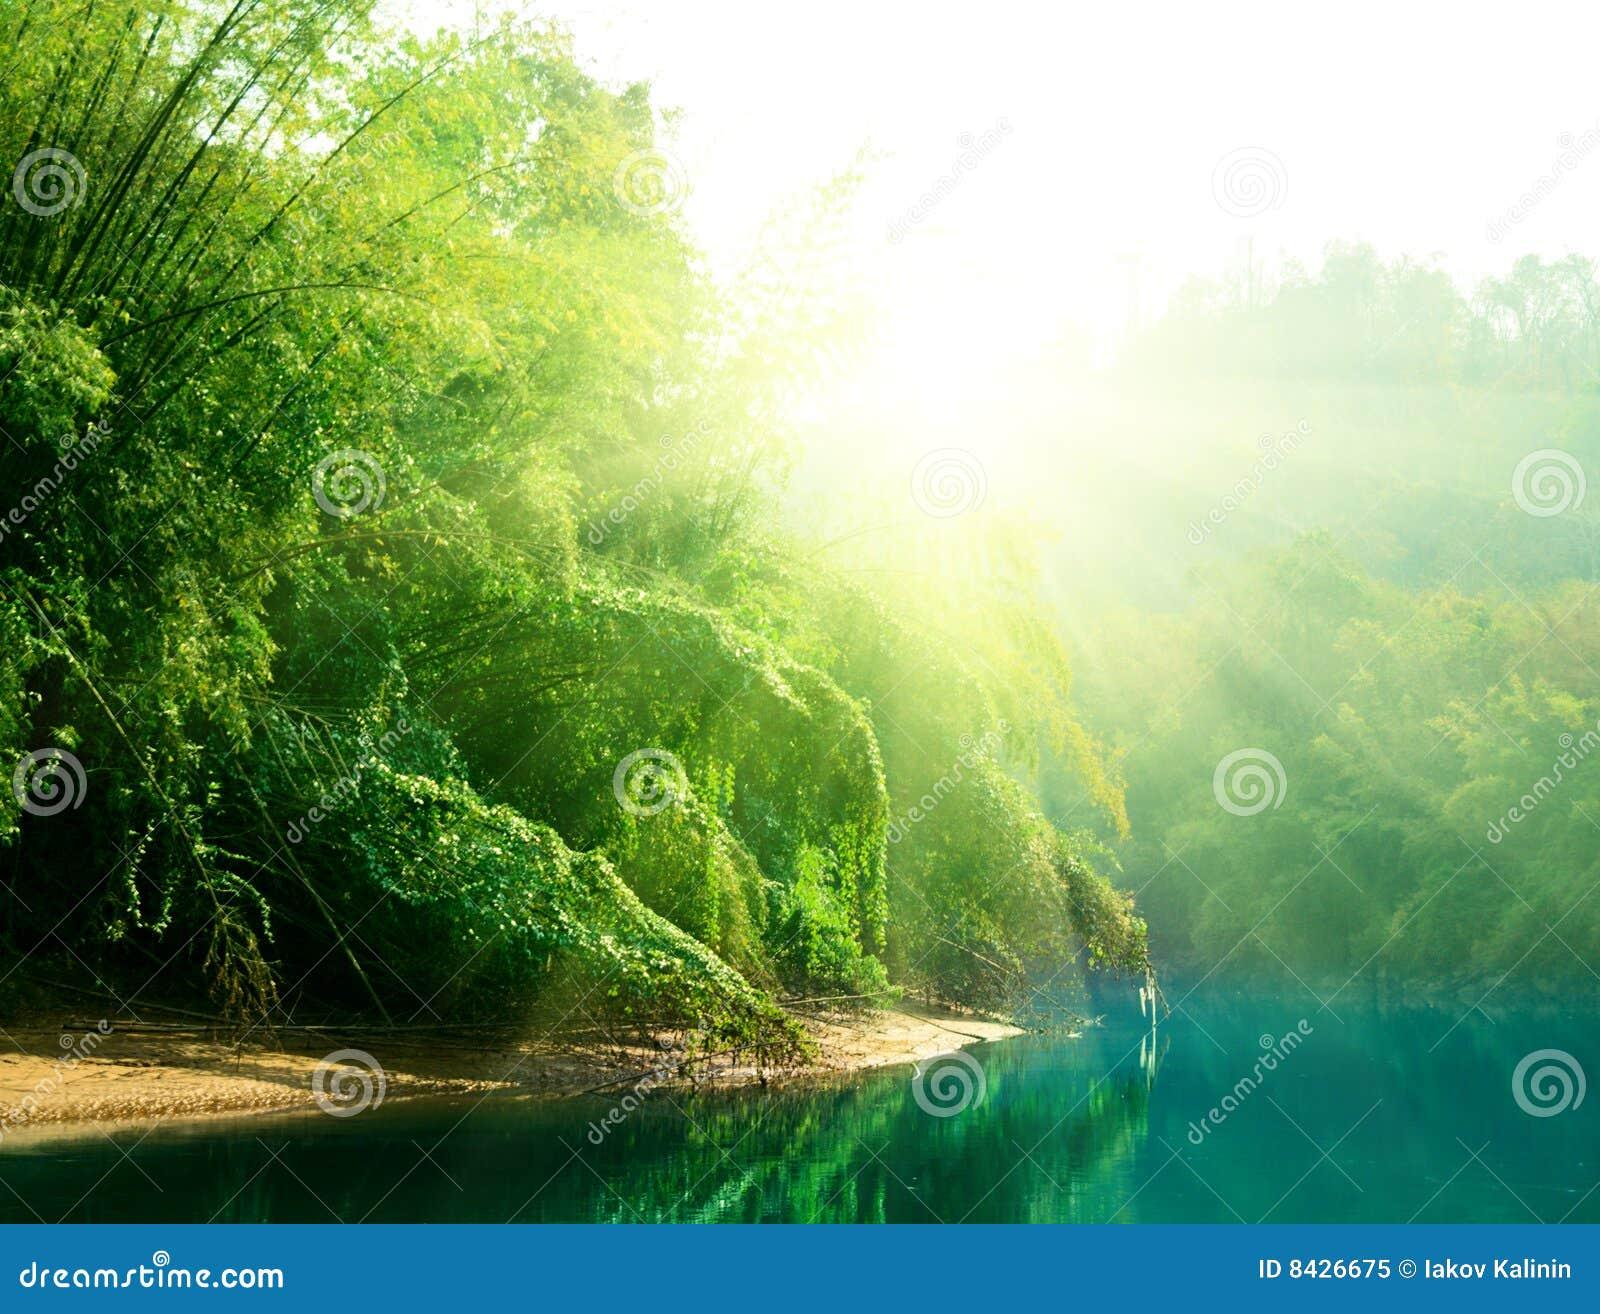 ηλιοβασίλεμα ζουγκλών